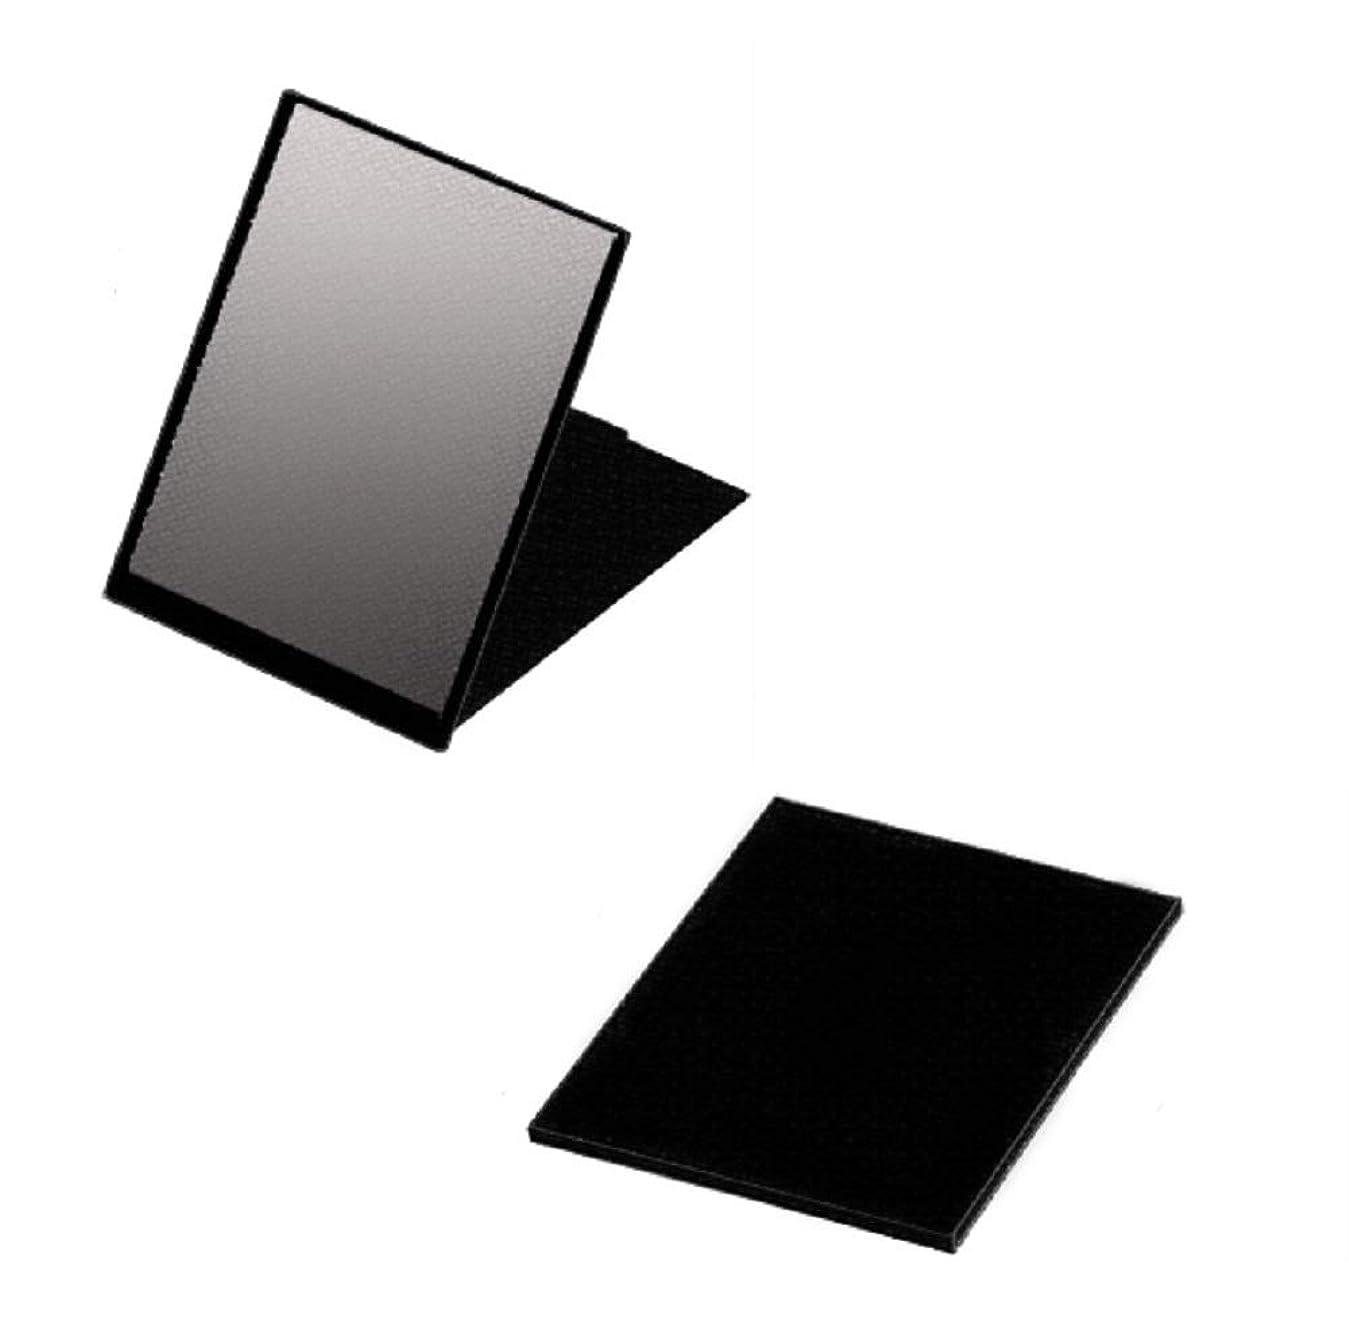 水曜日蚊確認ハイパービュースリム&ライトコンパクトミラー(M) HV-001 ブラック